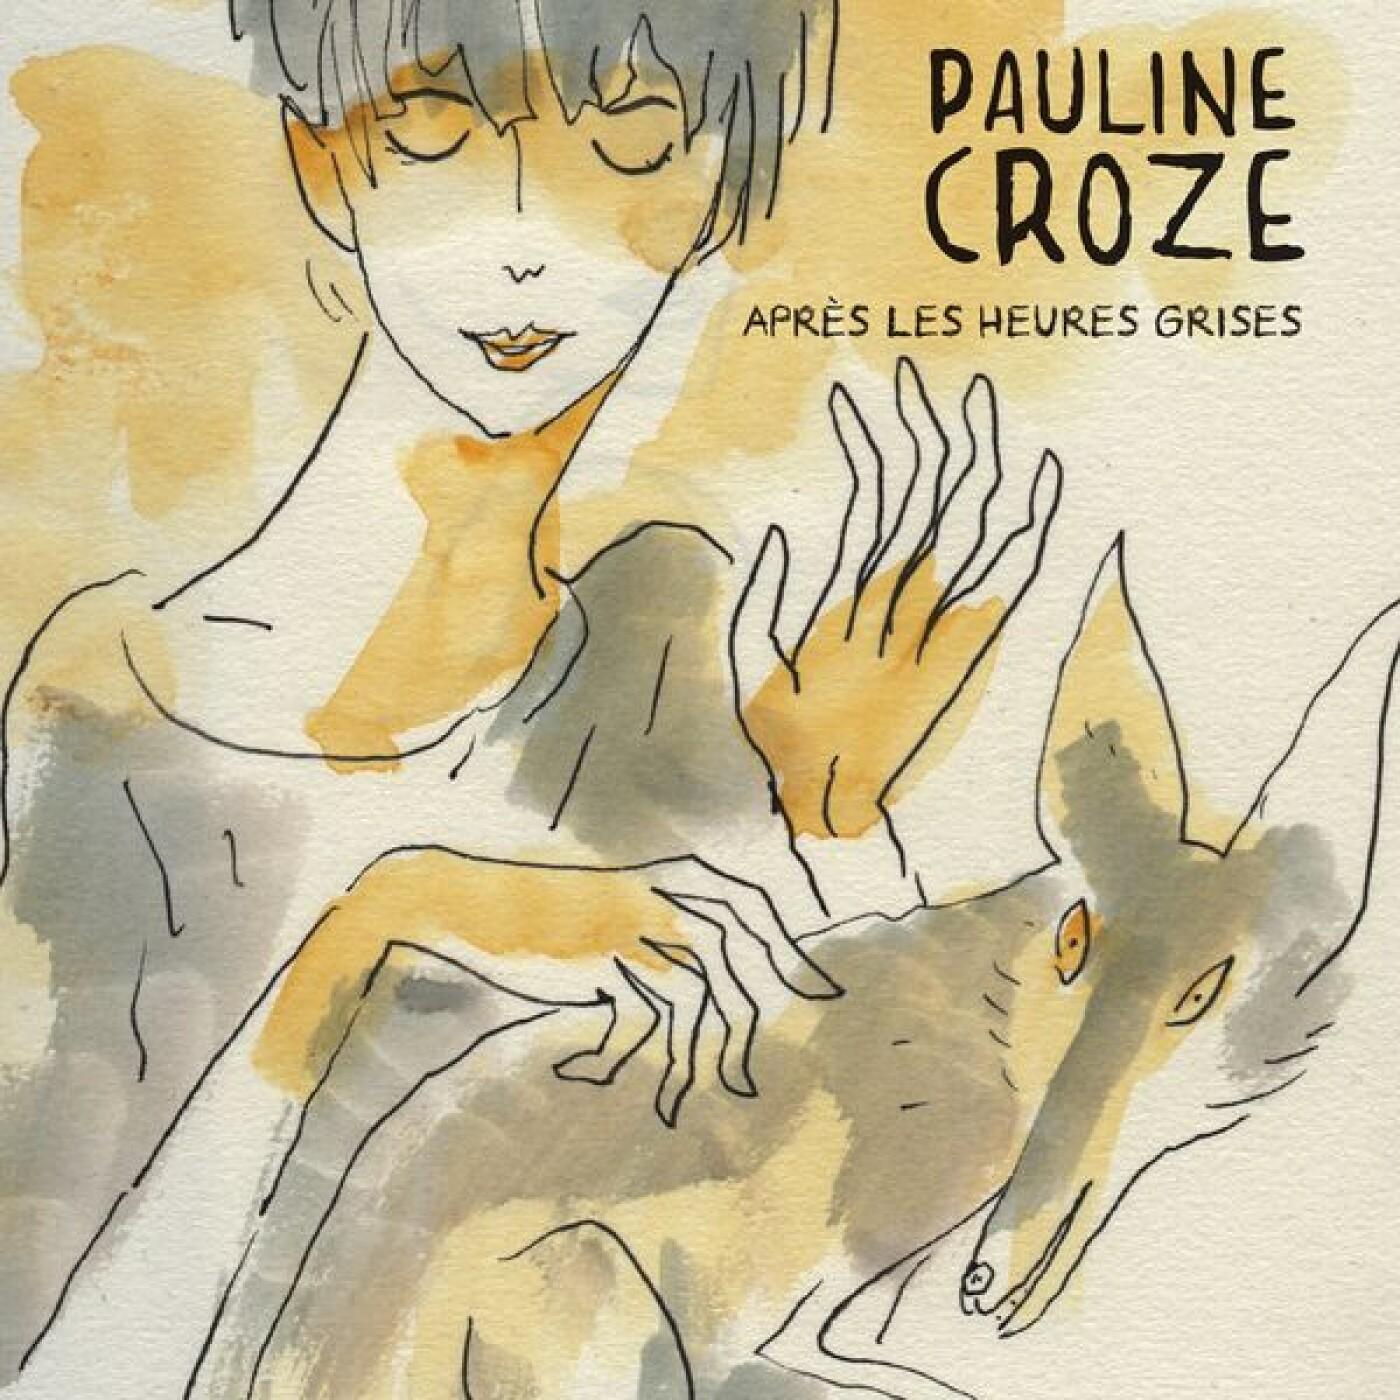 """Pauline Croze présente son titre """"Je suis un renard"""" - 14 09 2021 - StereoChic Radio"""